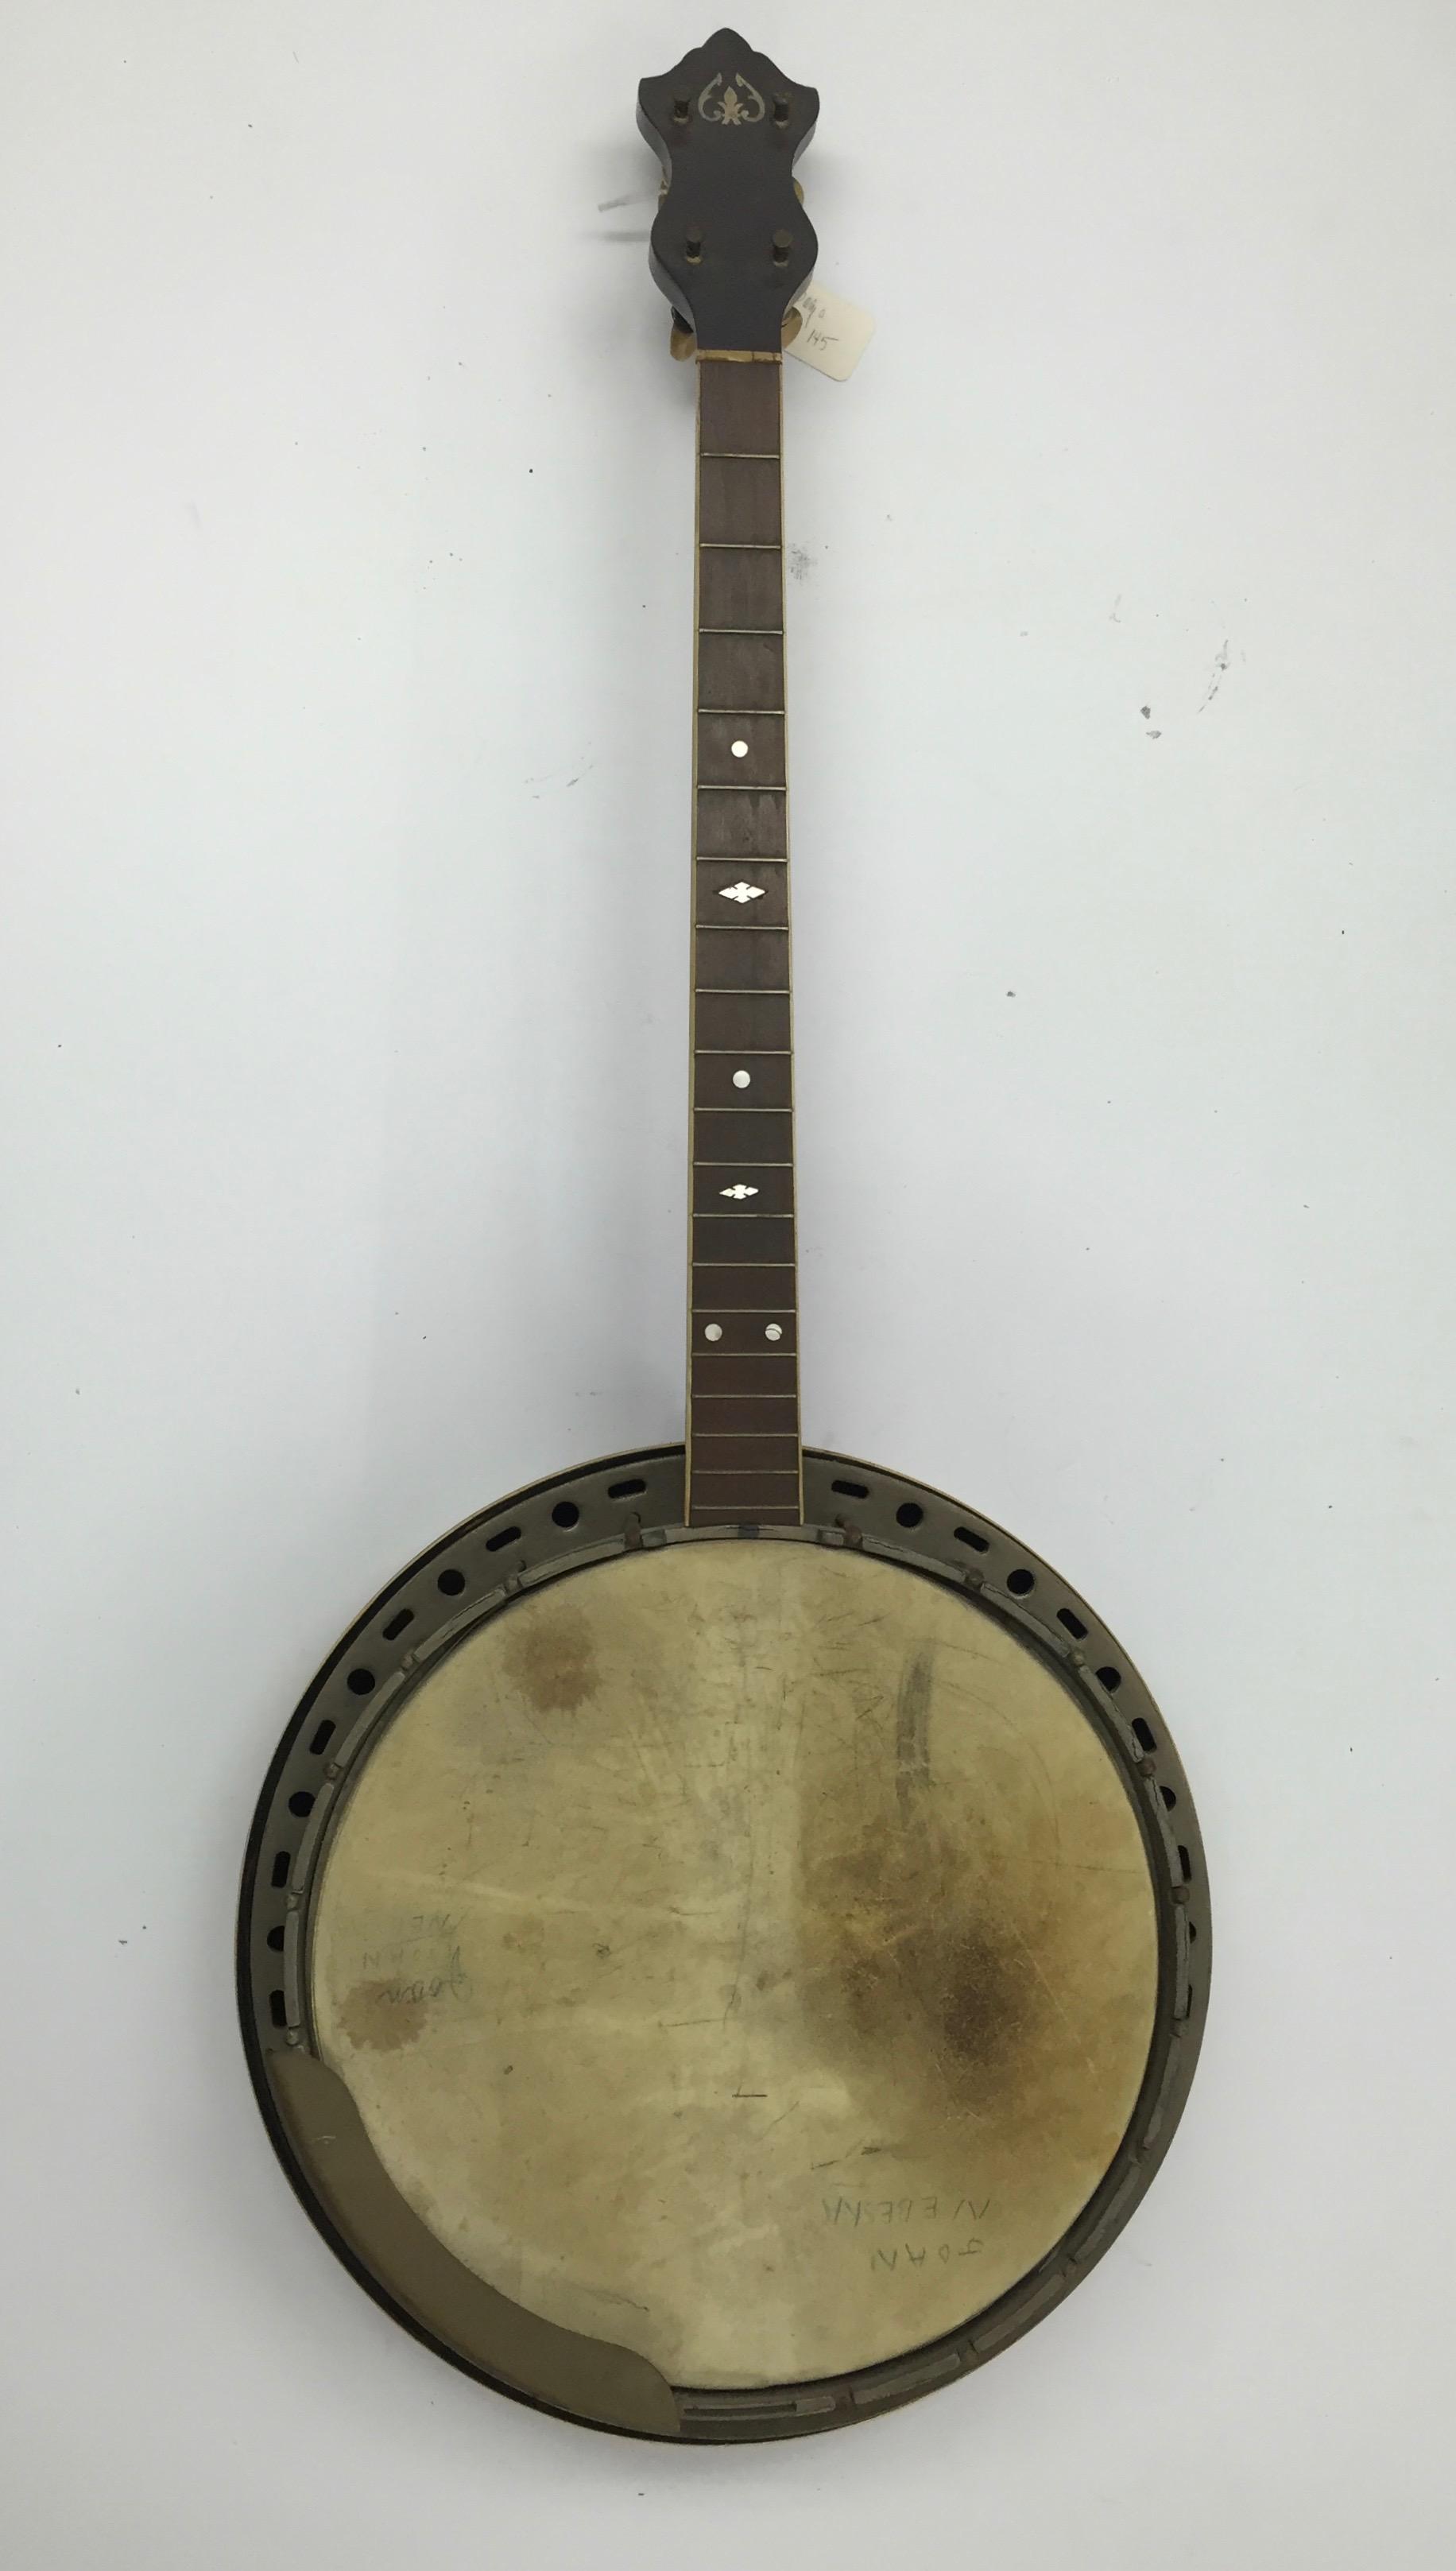 4-string Banjo